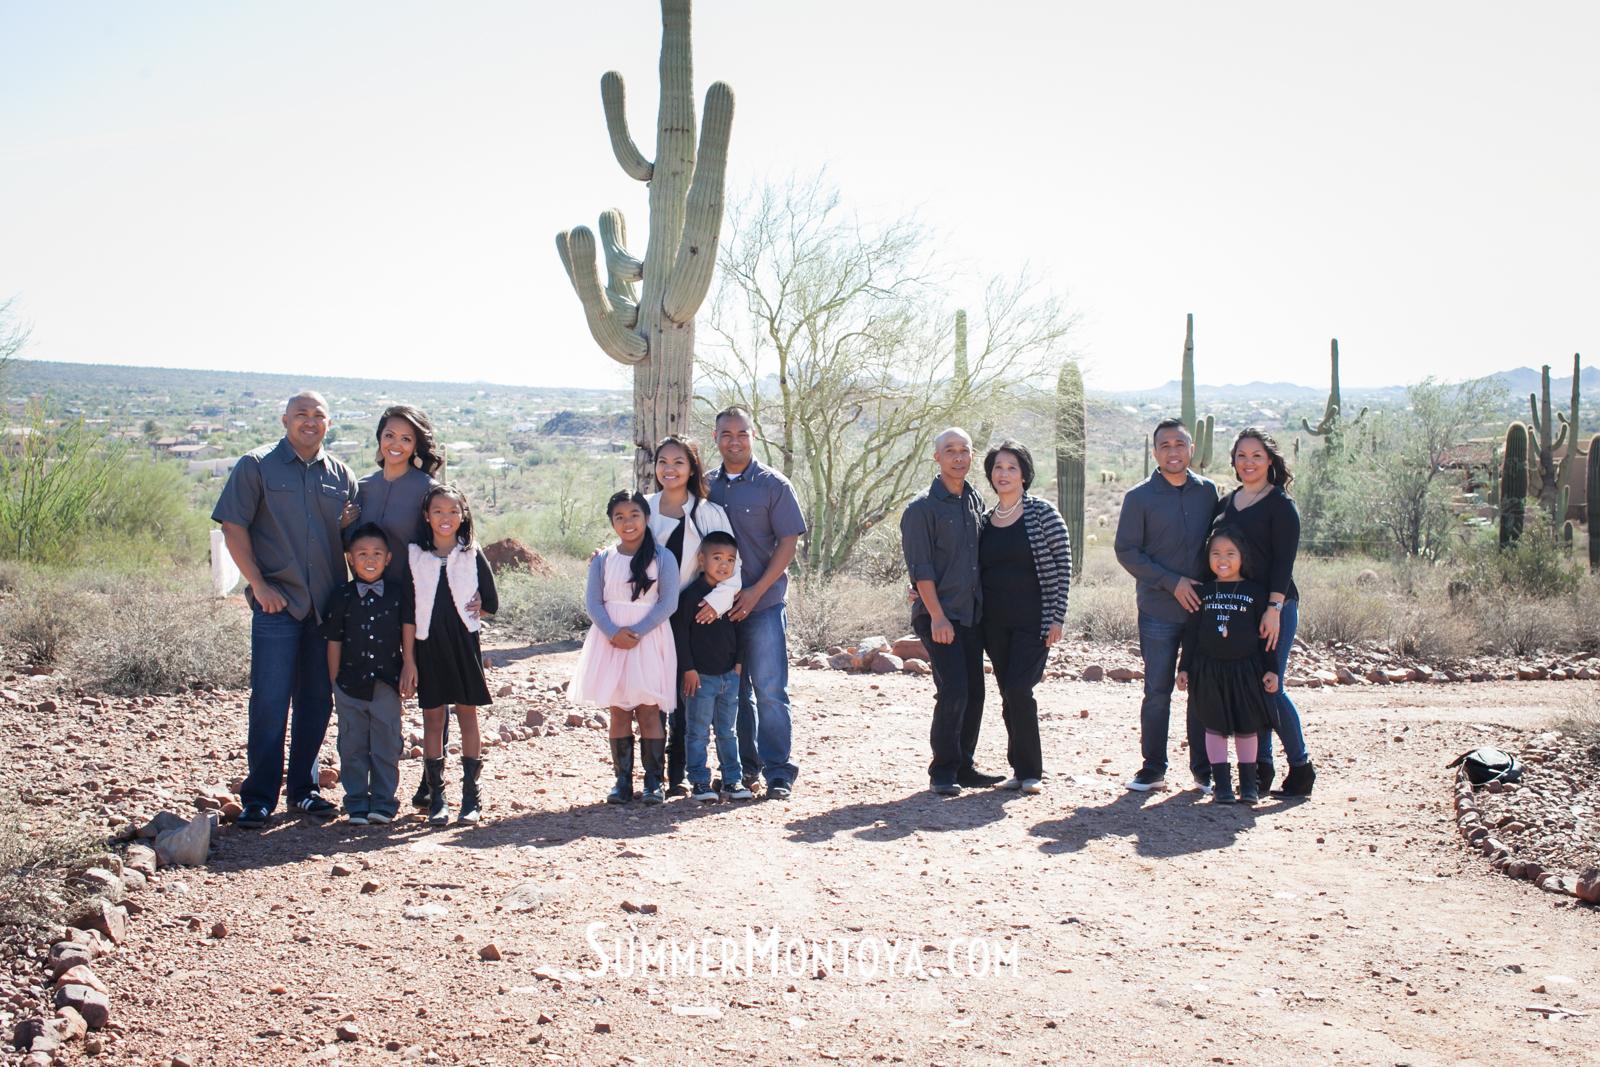 gilbert-family-photographer-7